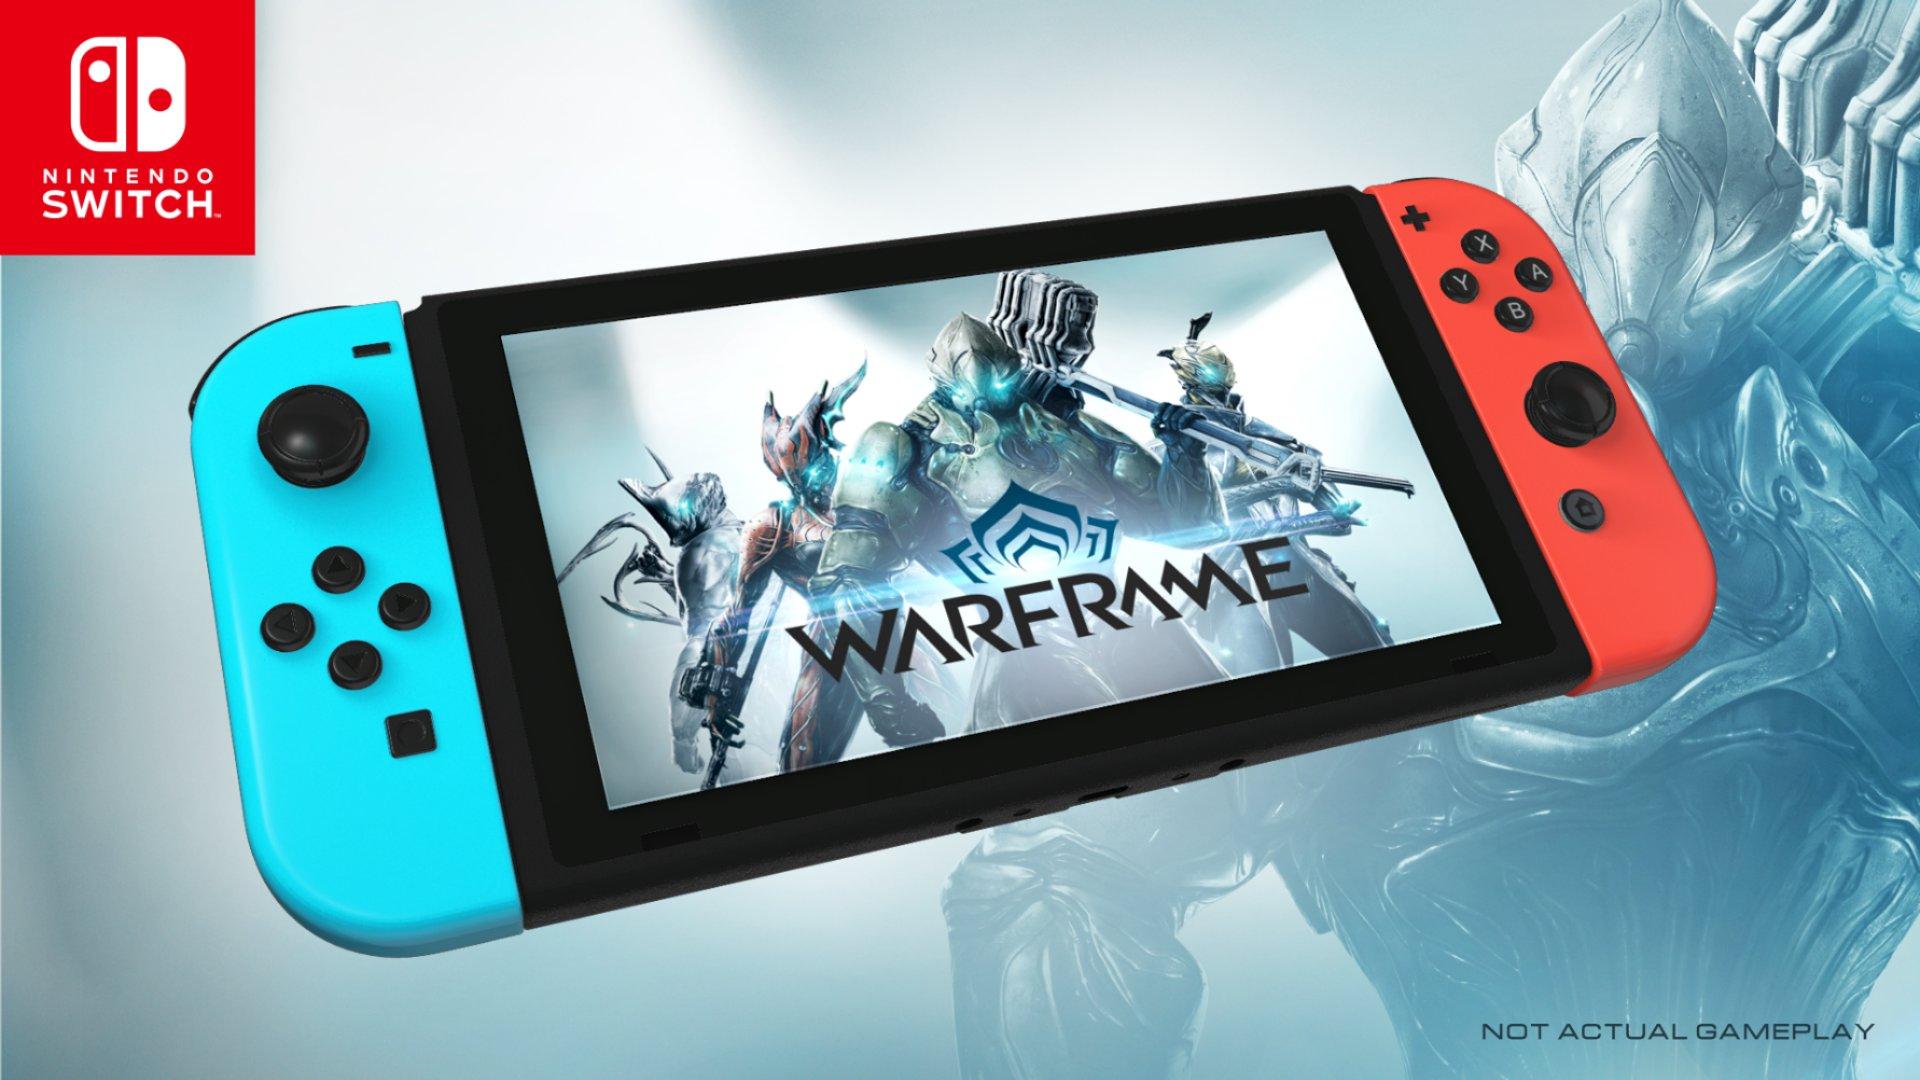 Warframe, Le Célèbre Tps Coopératif Free-To-Play Annoncé Sur destiné Jeu De Difference Gratuit